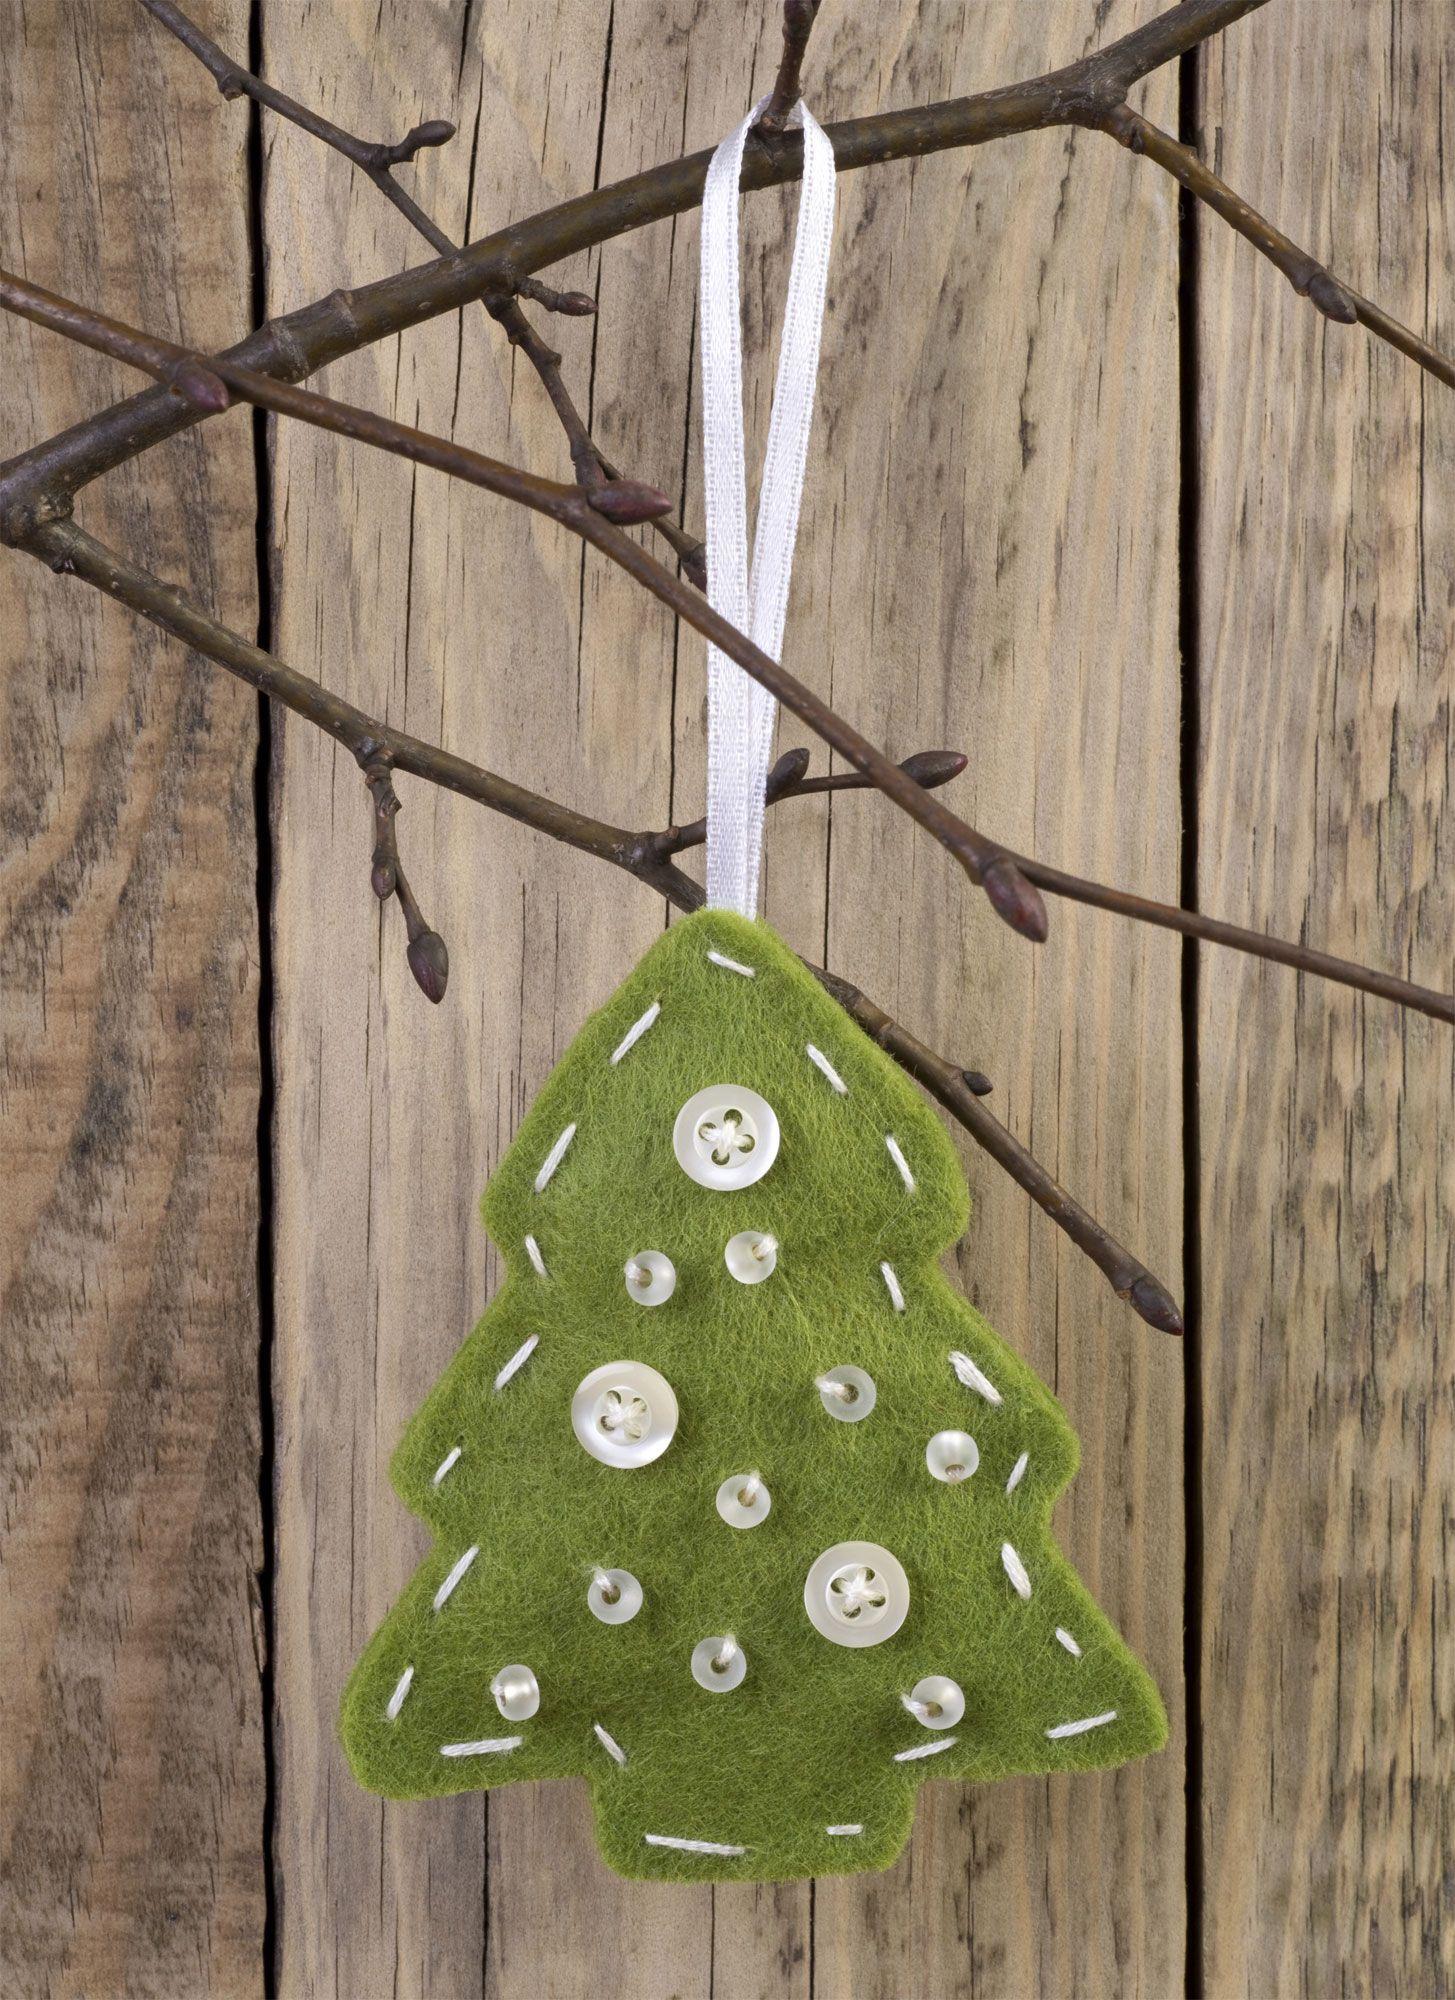 Hacer Un Arbol De Navidad Decorado Con Bolitas De Fieltro